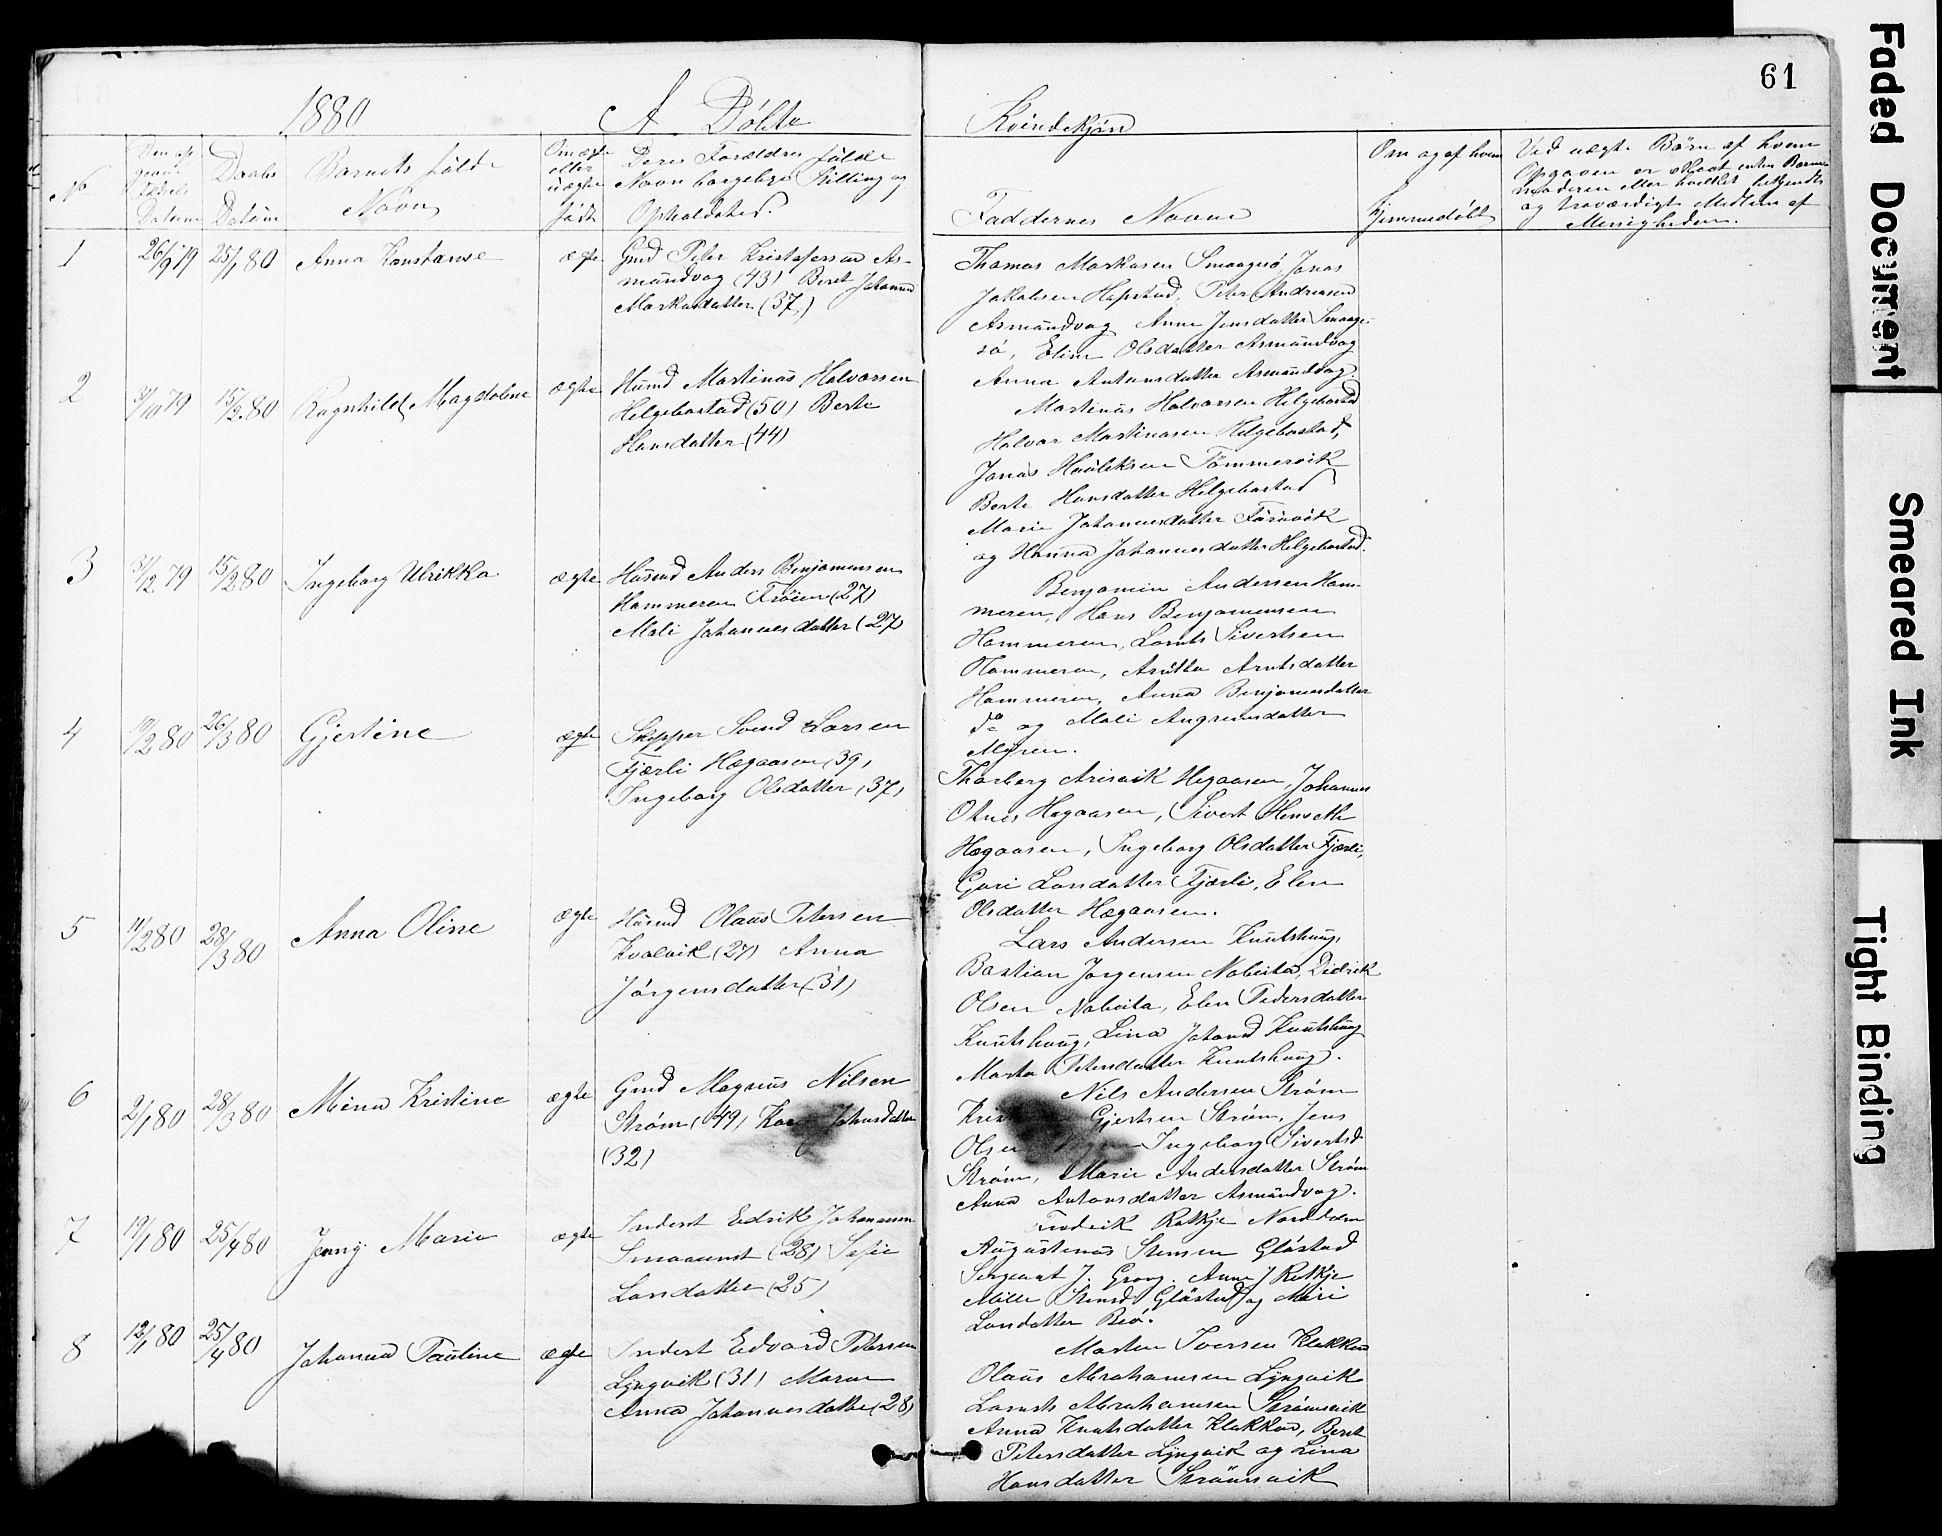 SAT, Ministerialprotokoller, klokkerbøker og fødselsregistre - Sør-Trøndelag, 634/L0541: Klokkerbok nr. 634C03, 1874-1891, s. 61